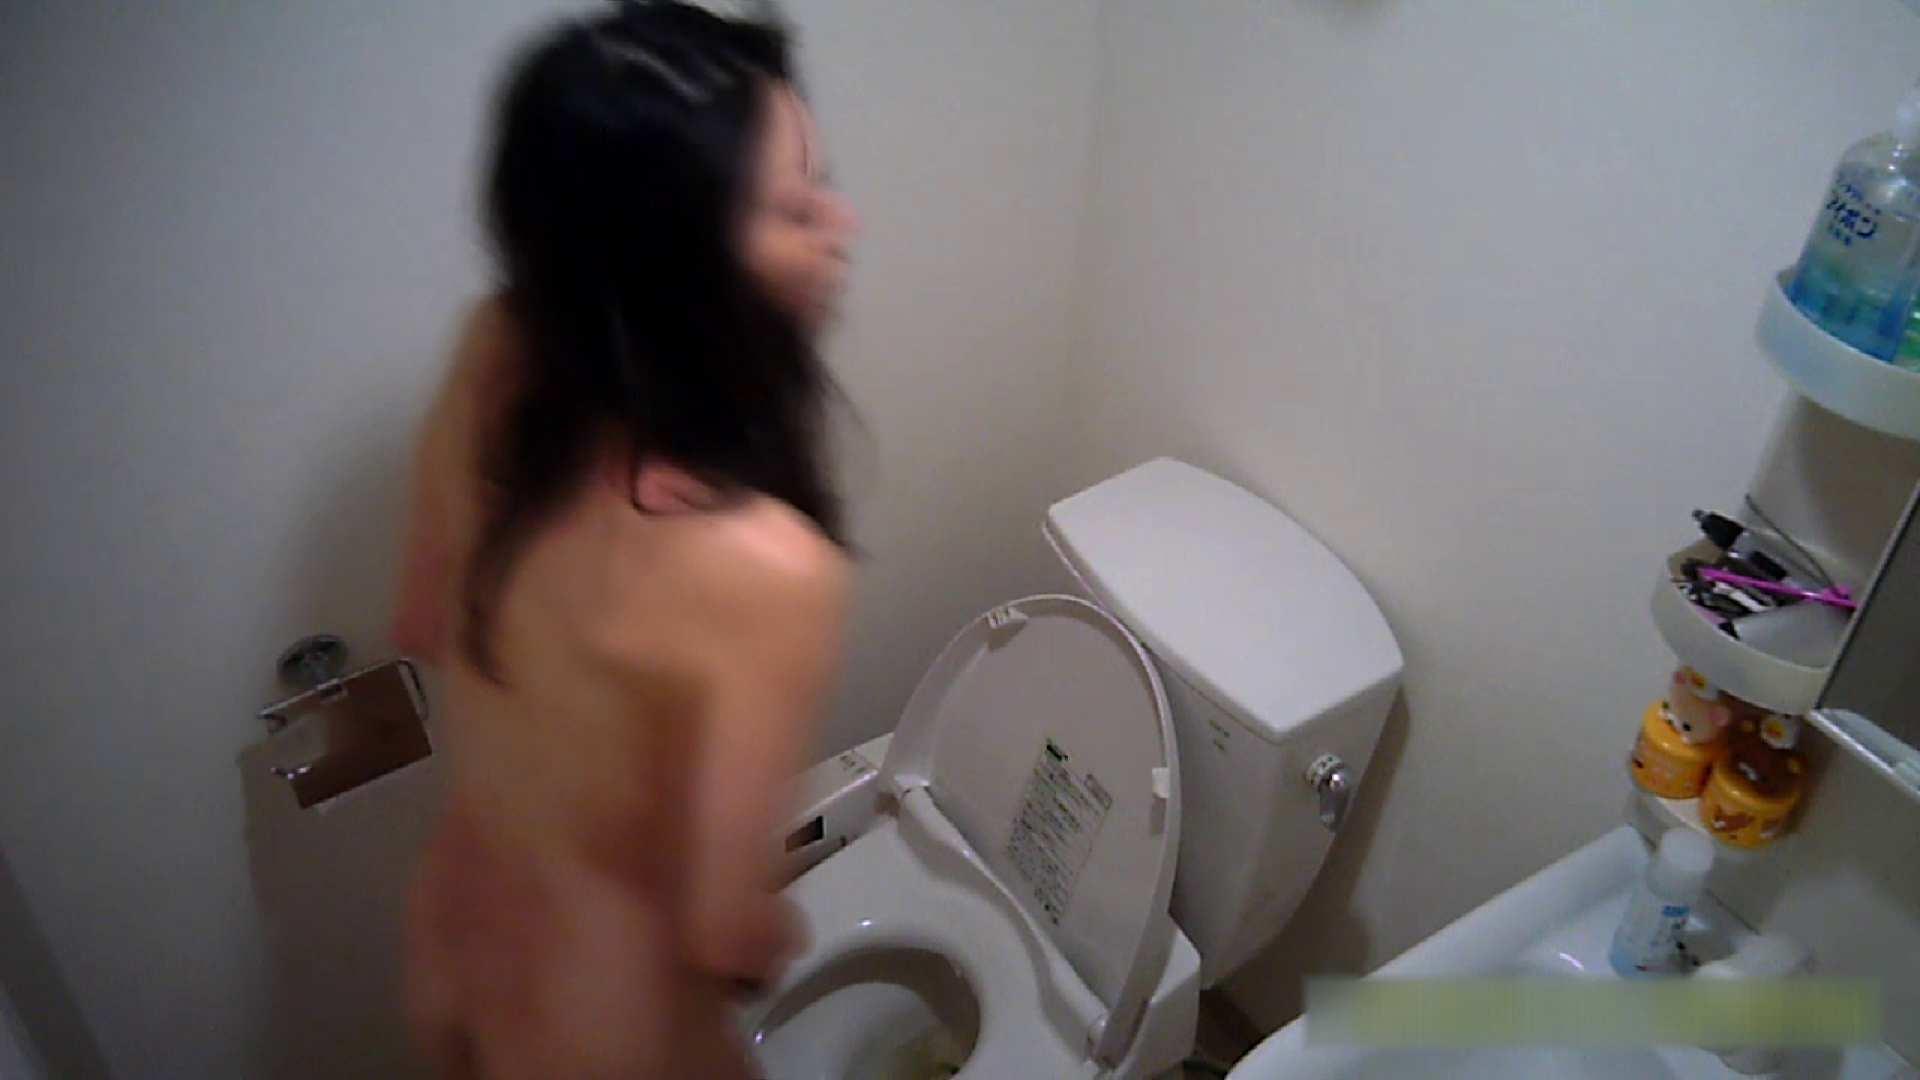 清楚な顔してかなり敏感なE子25歳(仮名)Vol.05 裸でトイレ編 トイレ中 | OL  68連発 23